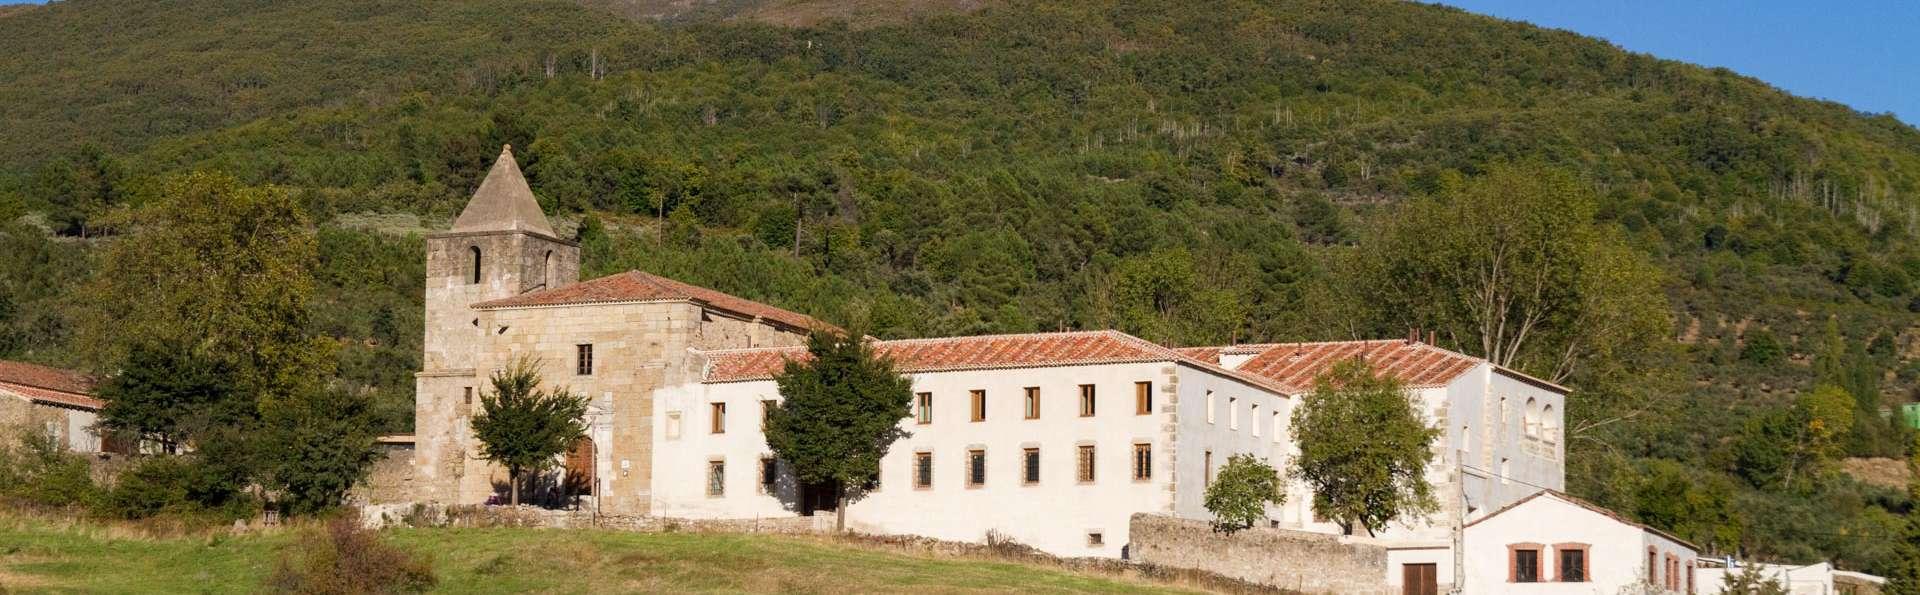 Hospedería Conventual Sierra de Gata - EDIT_FRONT_01.jpg